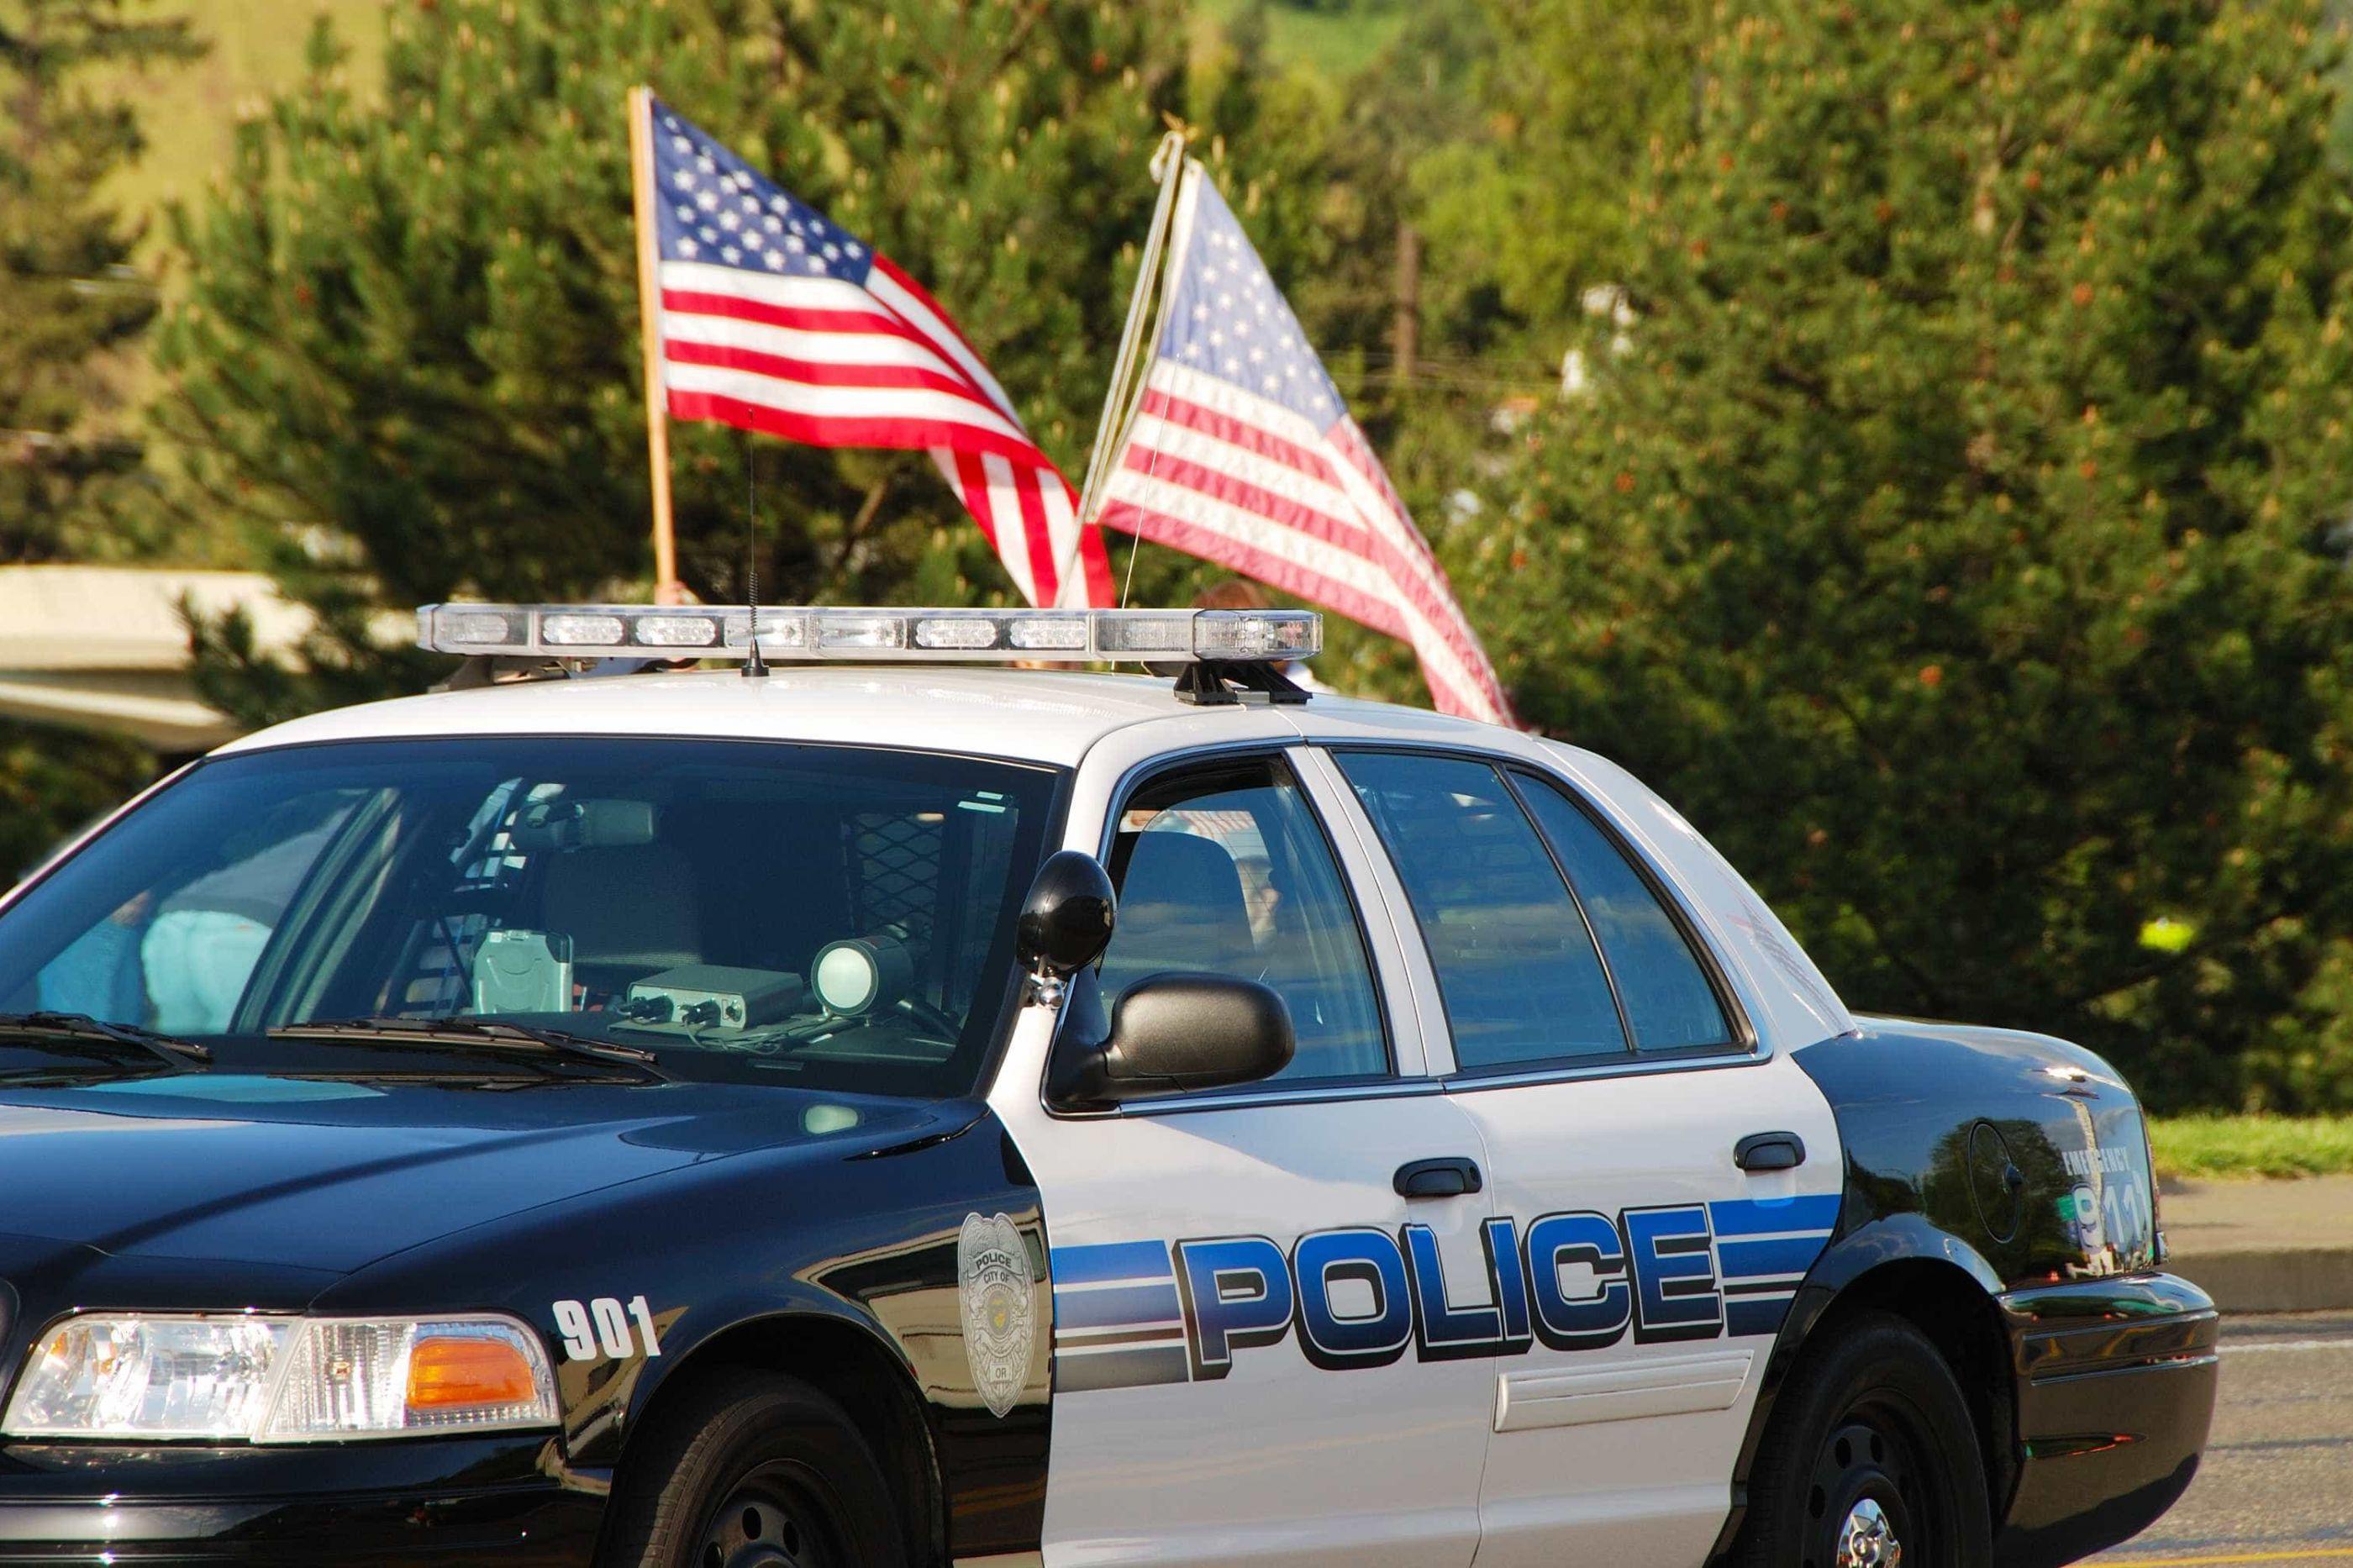 Quatro pessoas encontradas mortas em empresa nos Estados Unidos